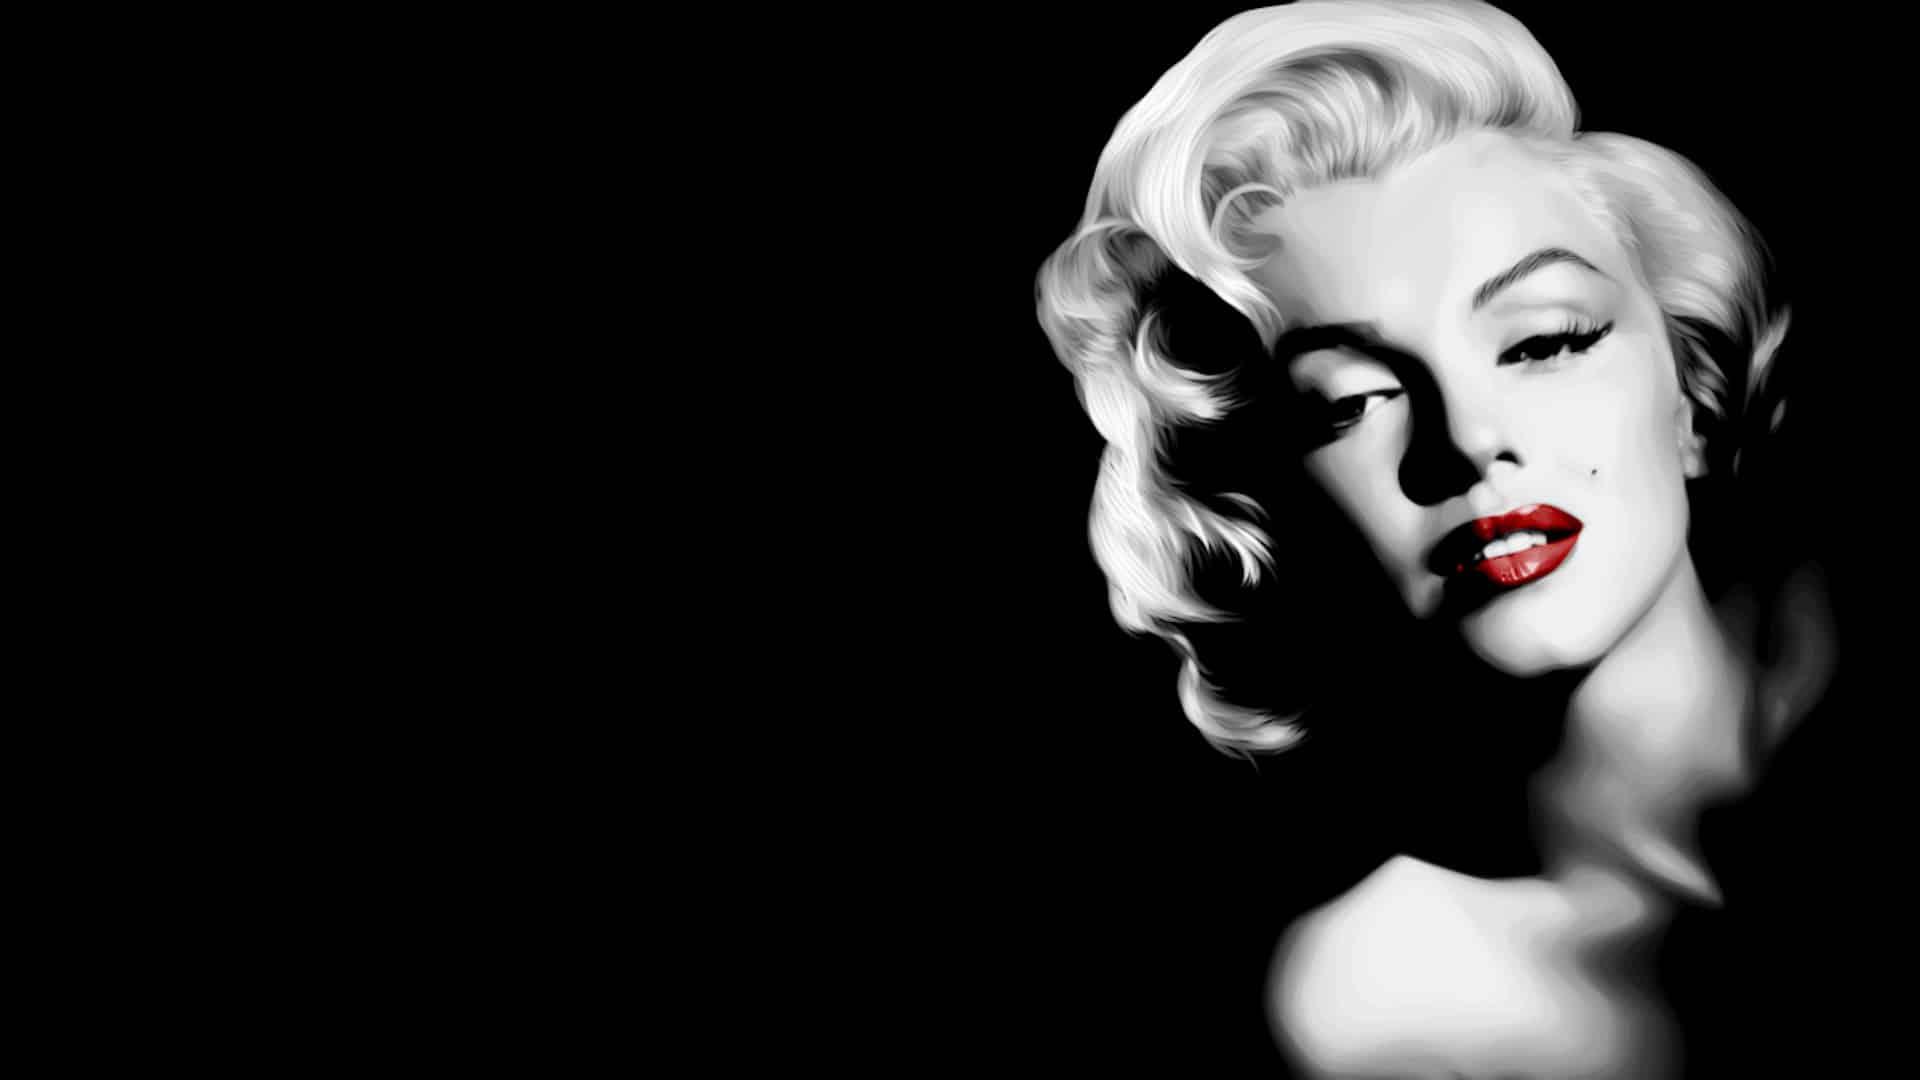 Marilyn Monroe Le Frasi Iconiche Della Diva Cinematographe It